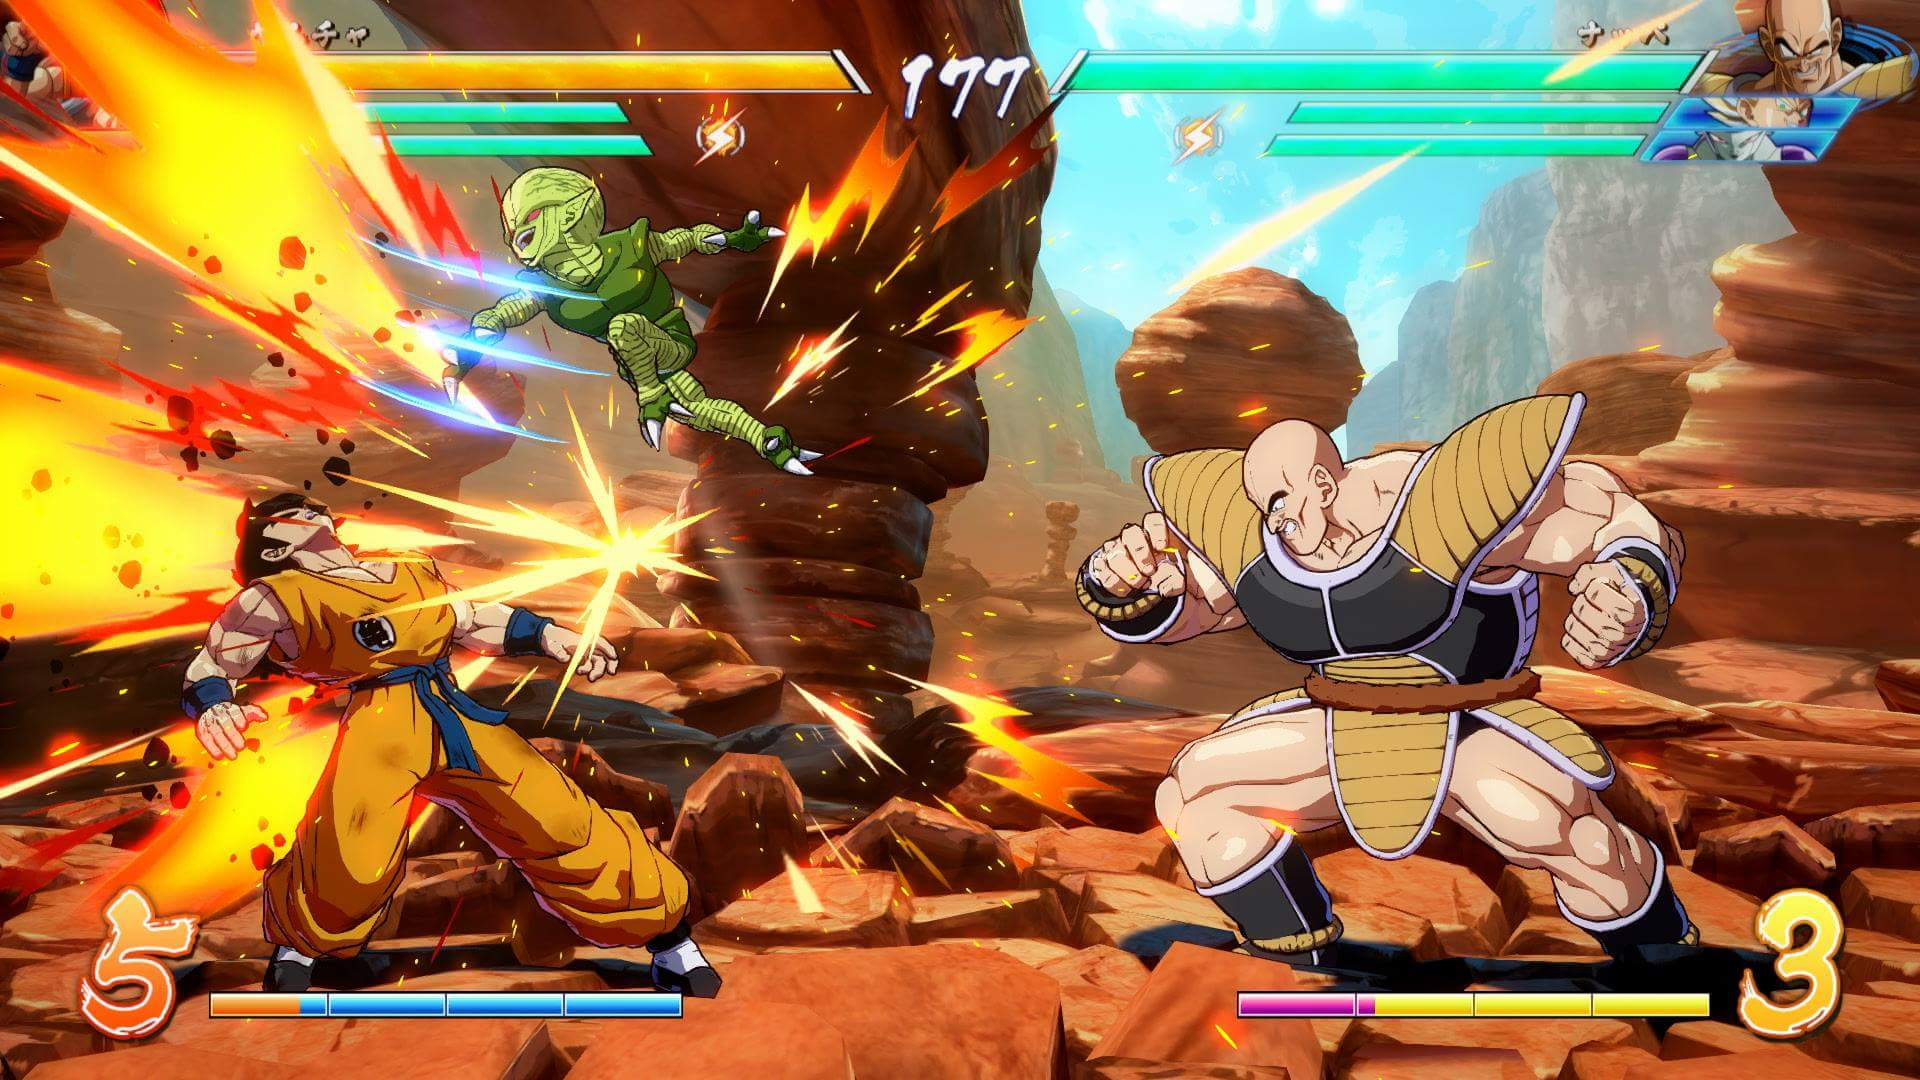 Hasil gambar untuk gambar game dragon ball fighter z